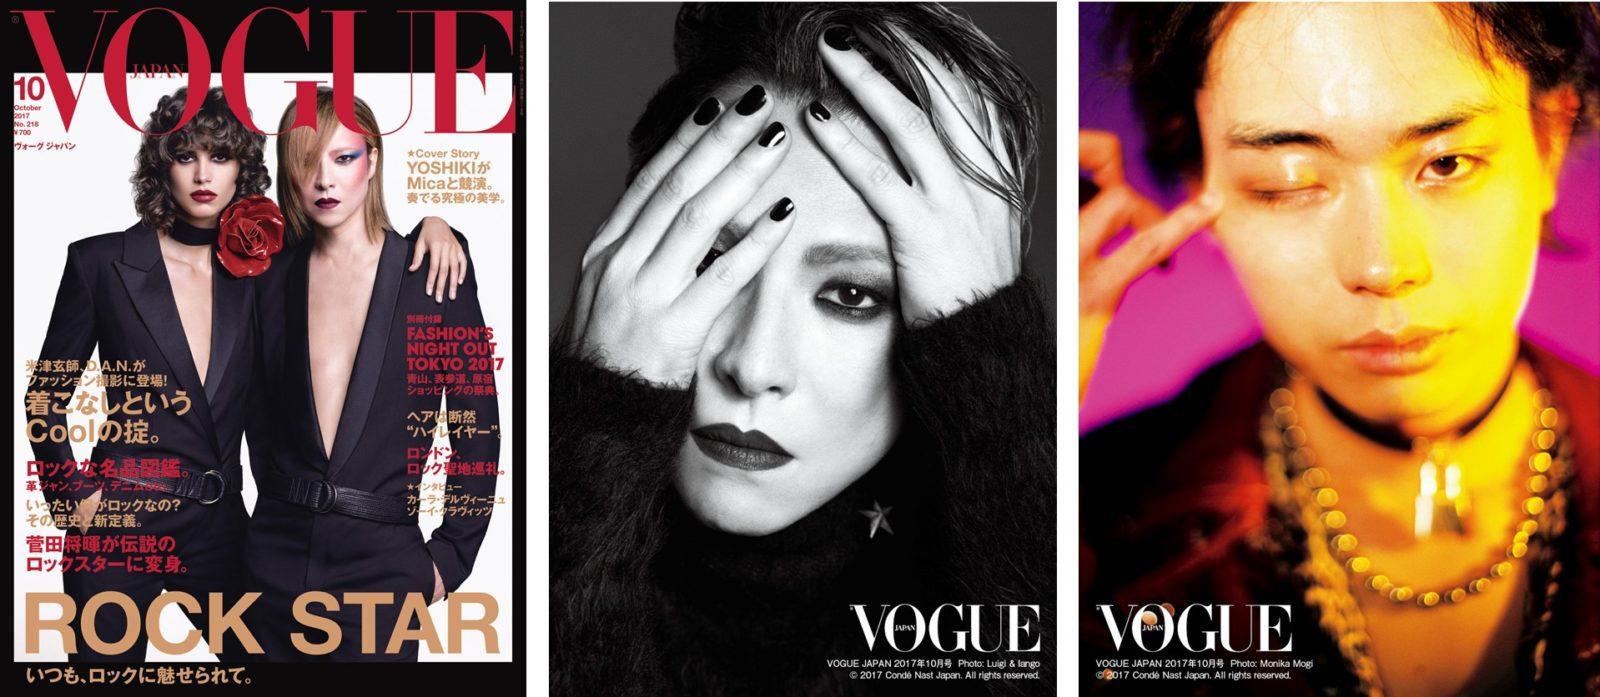 YOSHIKIが表紙を飾る『VOGUE JAPAN』 菅田将暉がシド・ヴィシャスなど伝説のロックスターに変身サムネイル画像